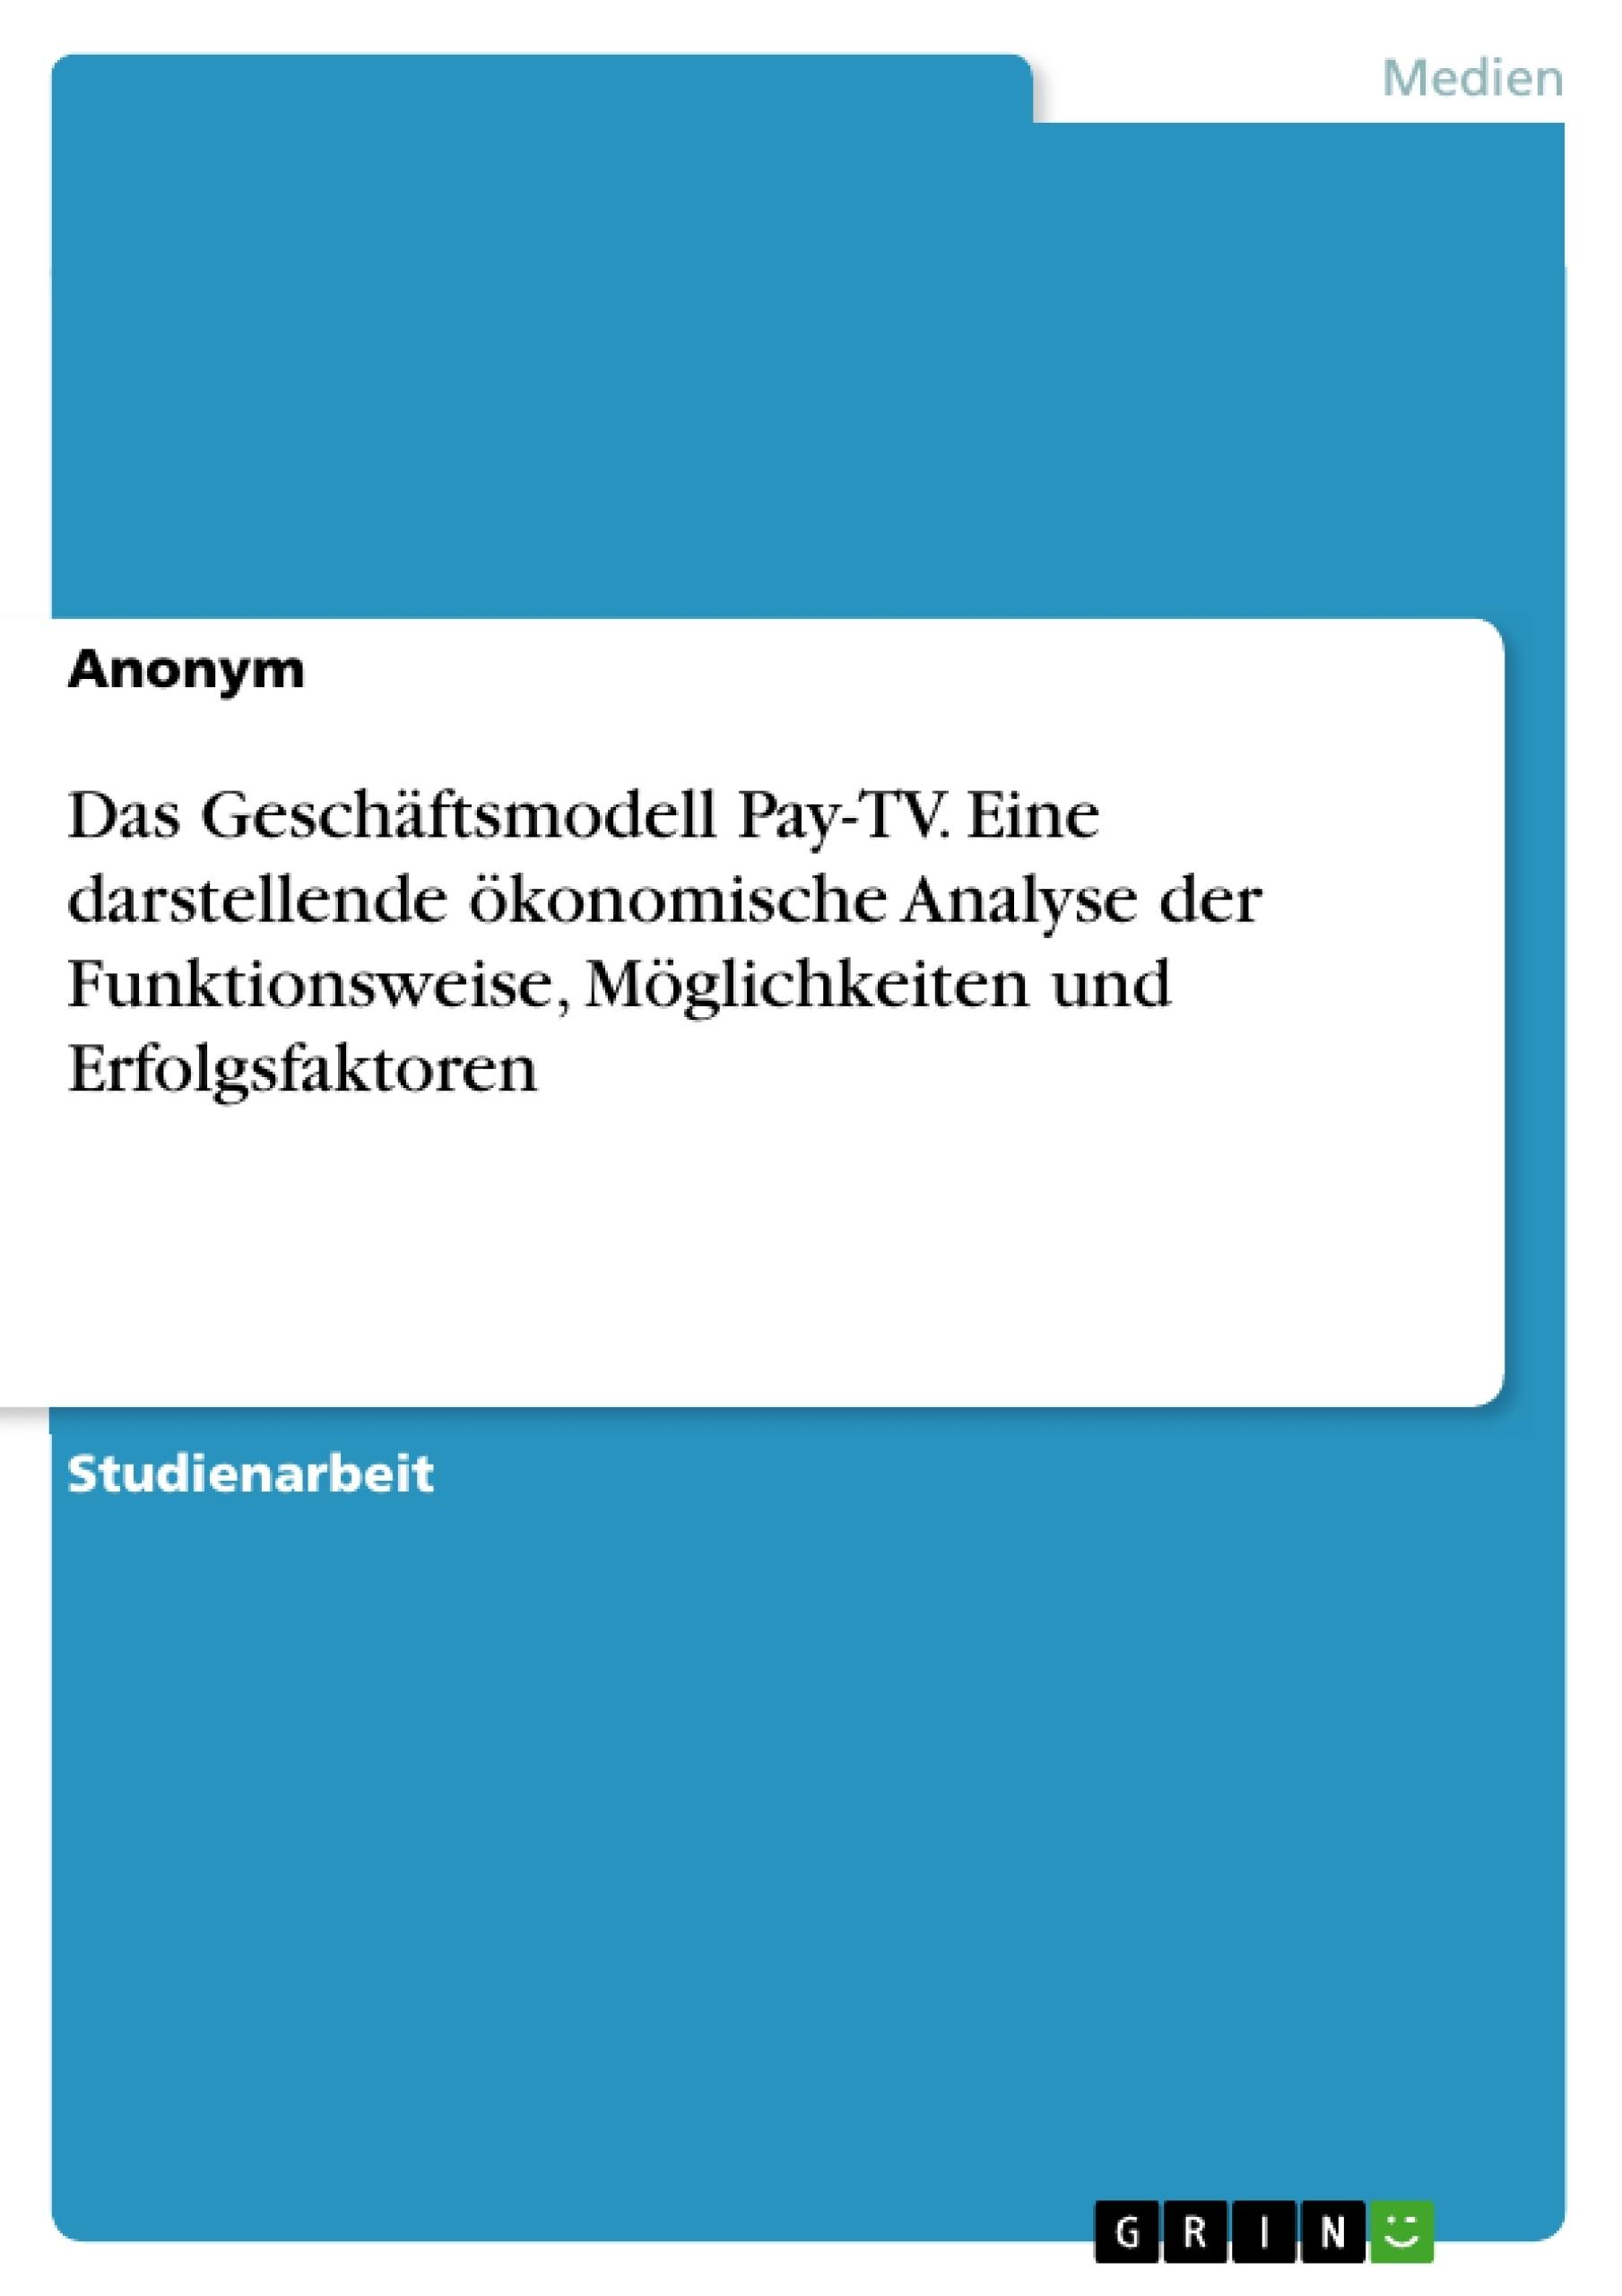 Titel: Das Geschäftsmodell Pay-TV. Eine darstellende ökonomische Analyse der Funktionsweise, Möglichkeiten und Erfolgsfaktoren